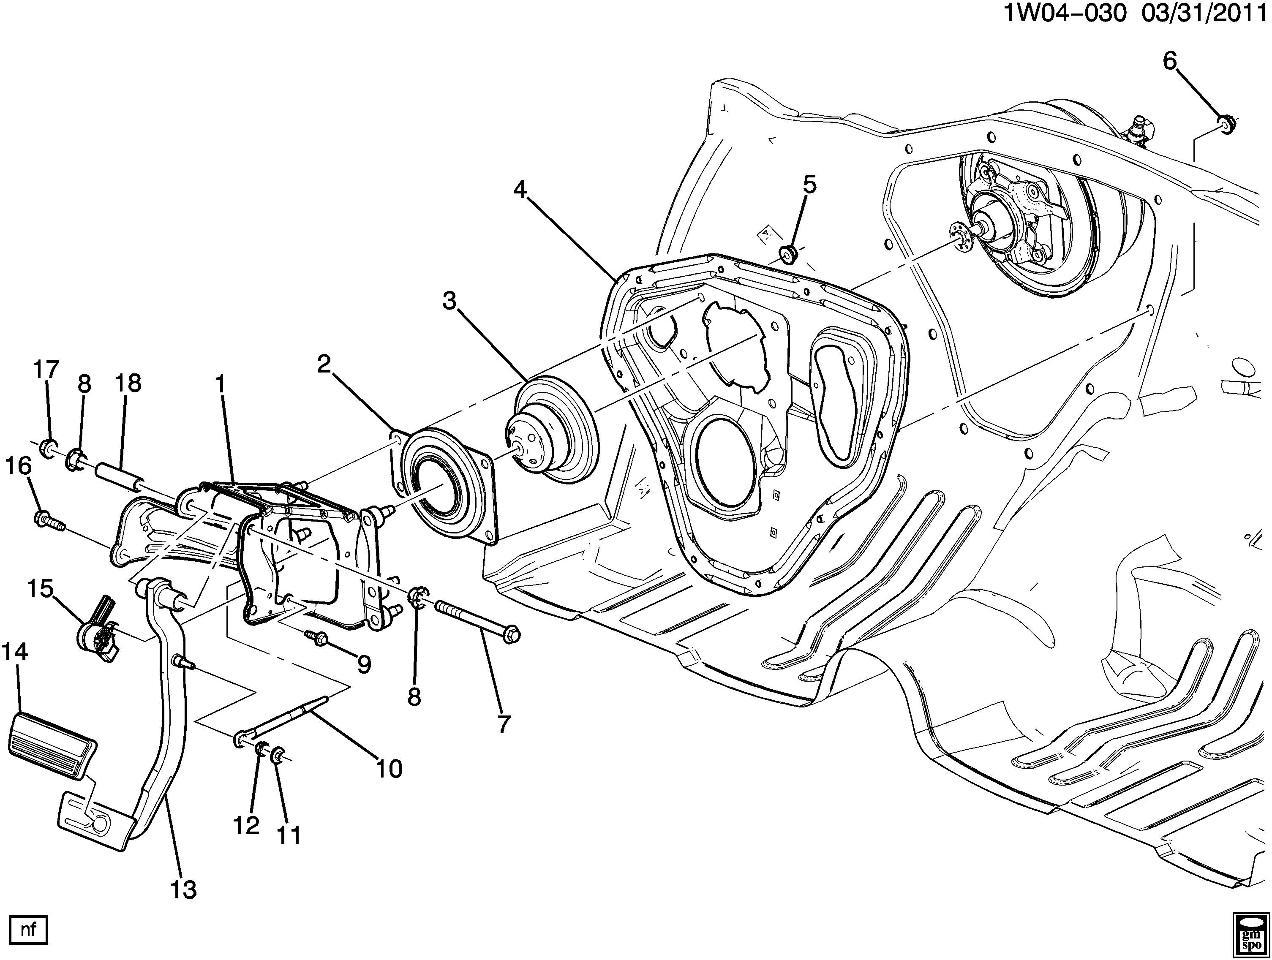 2009-14 Chevy Impala Master Cylinder Push Rod W/Bushing